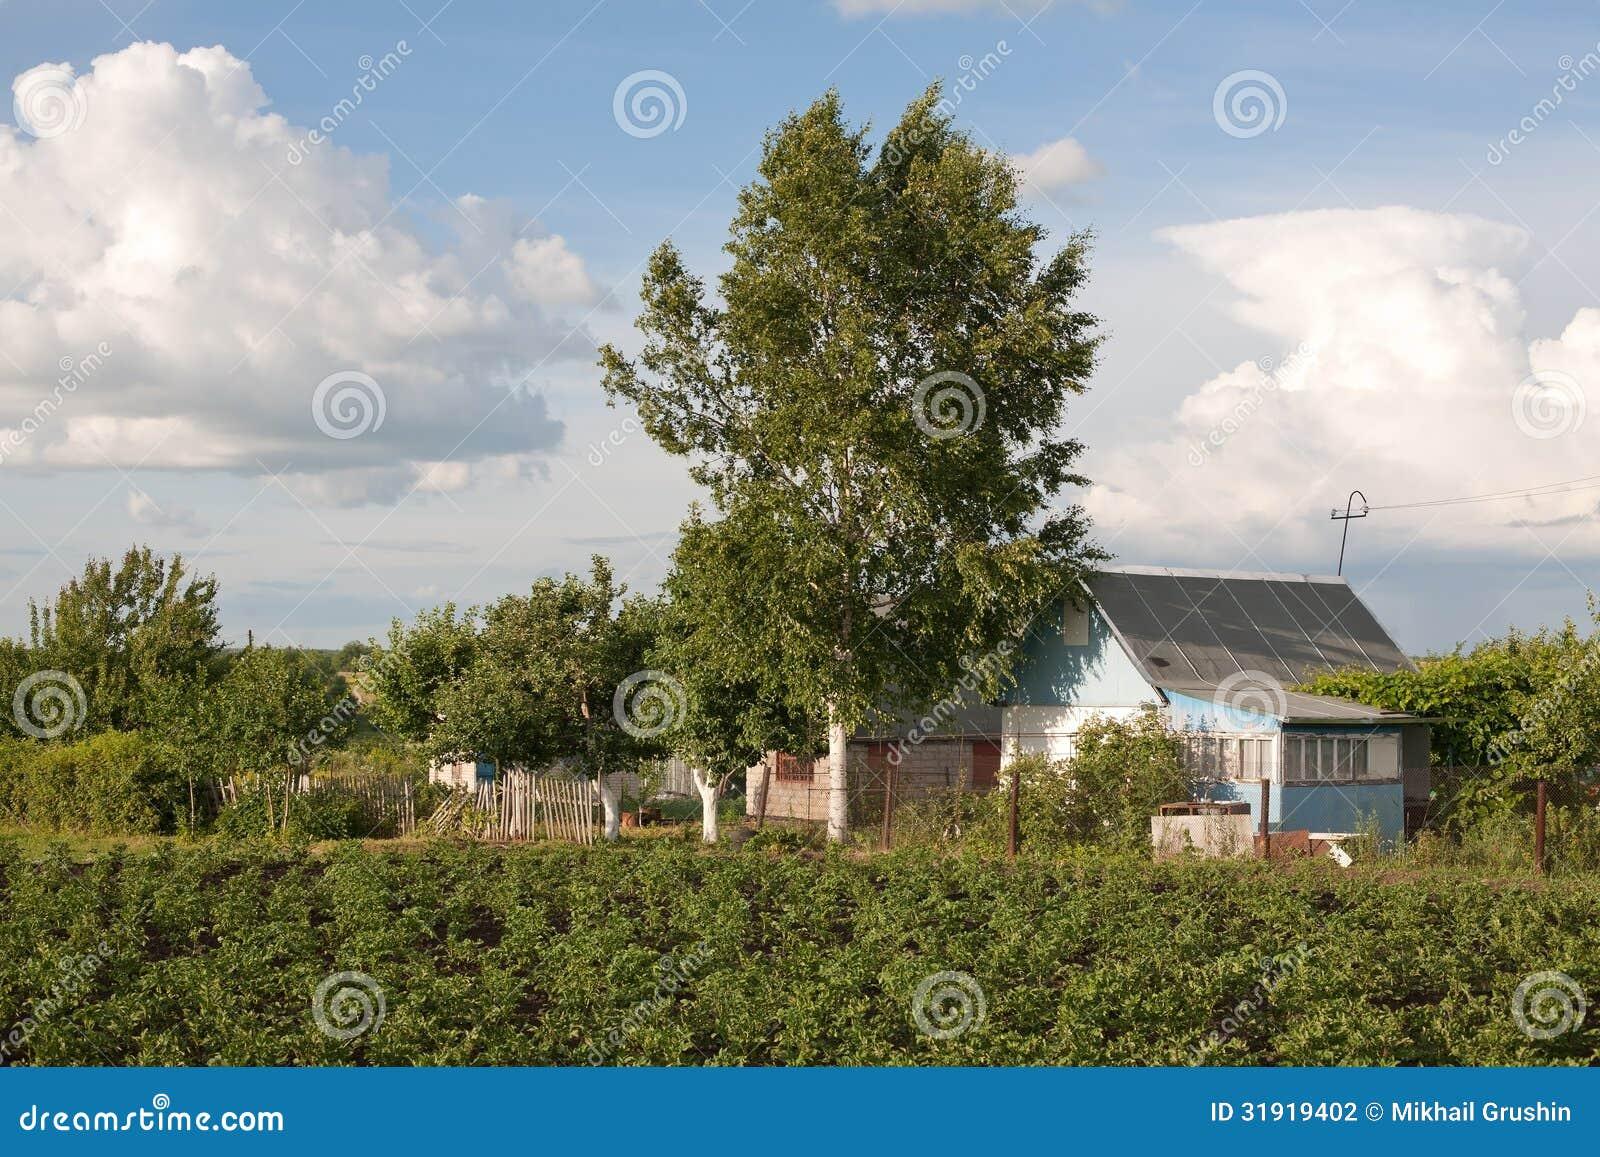 petite maison de campagne russe photo stock image du zone ciel 31919402. Black Bedroom Furniture Sets. Home Design Ideas